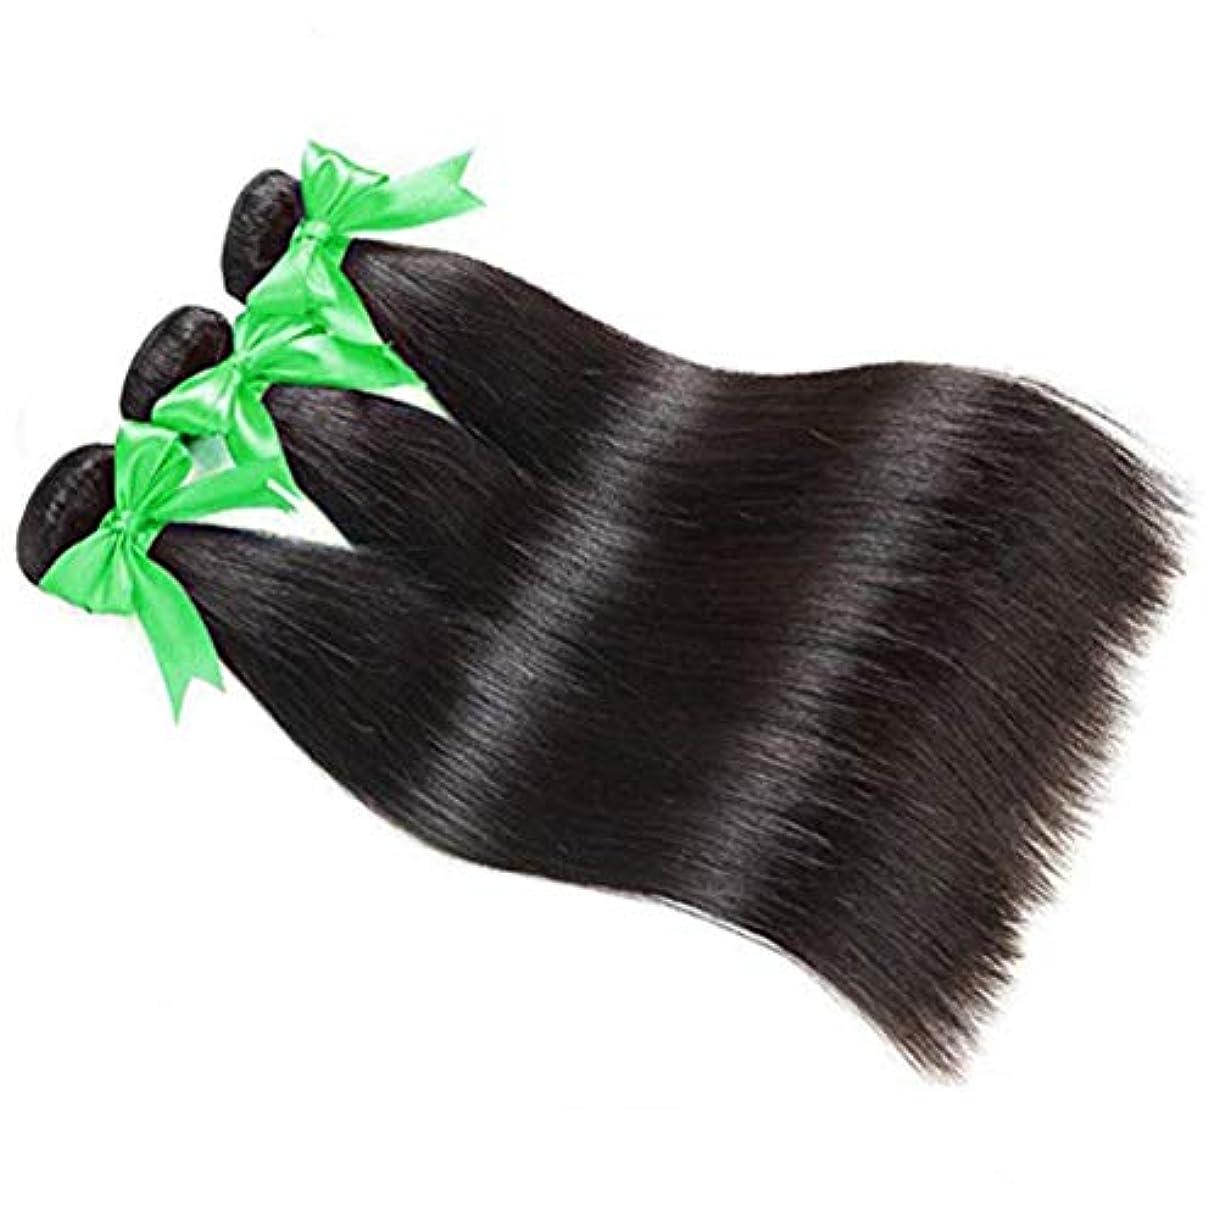 ポーズ疑いパートナー女性ストレート人間の髪の毛1バンドル100%未処理の絹のようなストレートバージン人間の髪の毛の束ダブル横糸ソフトと太い髪